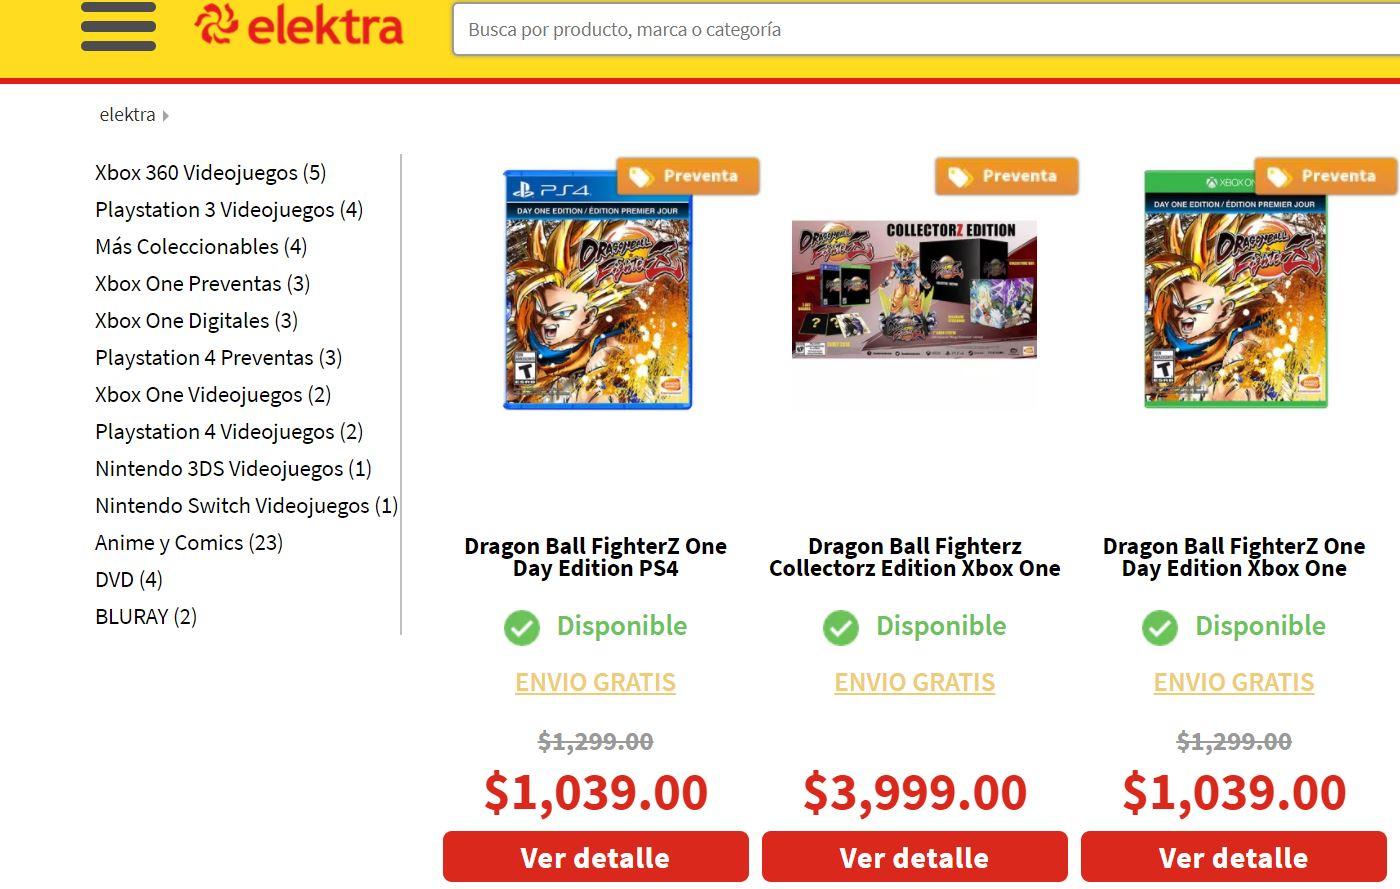 Elektra: Dragon Ball FighterZ One Day Edition PS4 o One pagando con Mercadopago